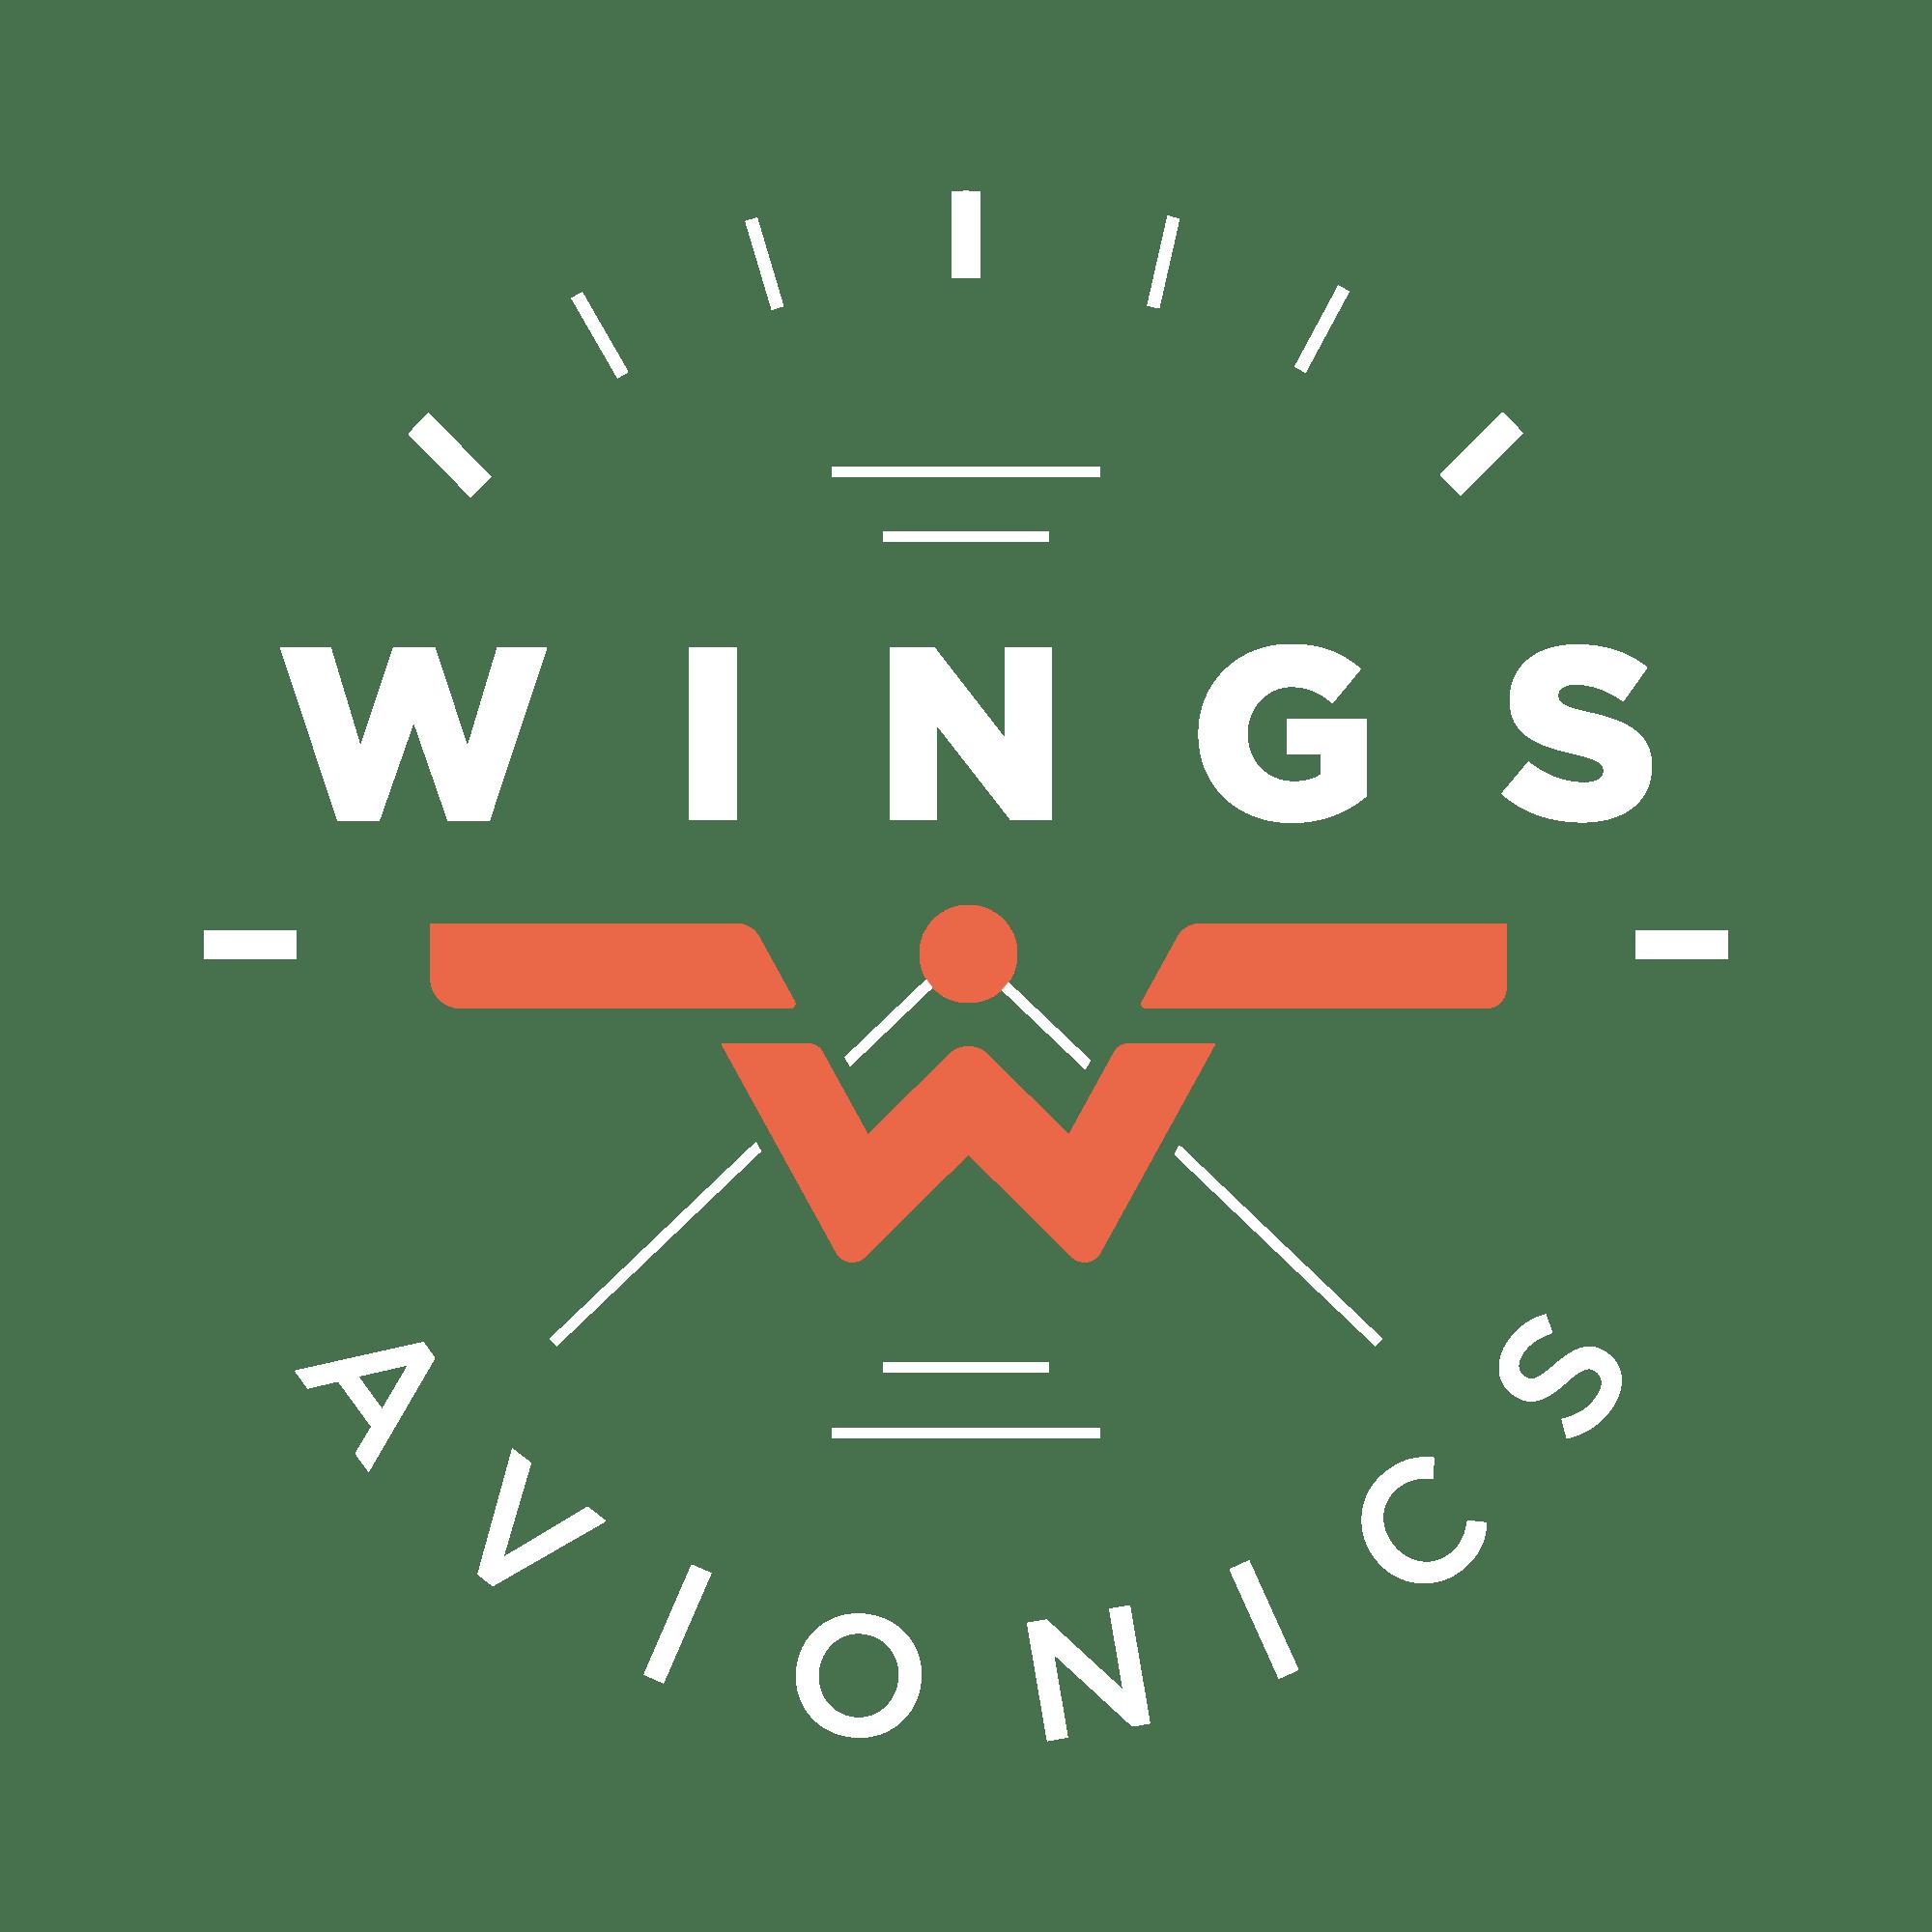 Wings Avionics - avionics repair, inspection, certification, and warranty work in Fayetteville, Arkansas.